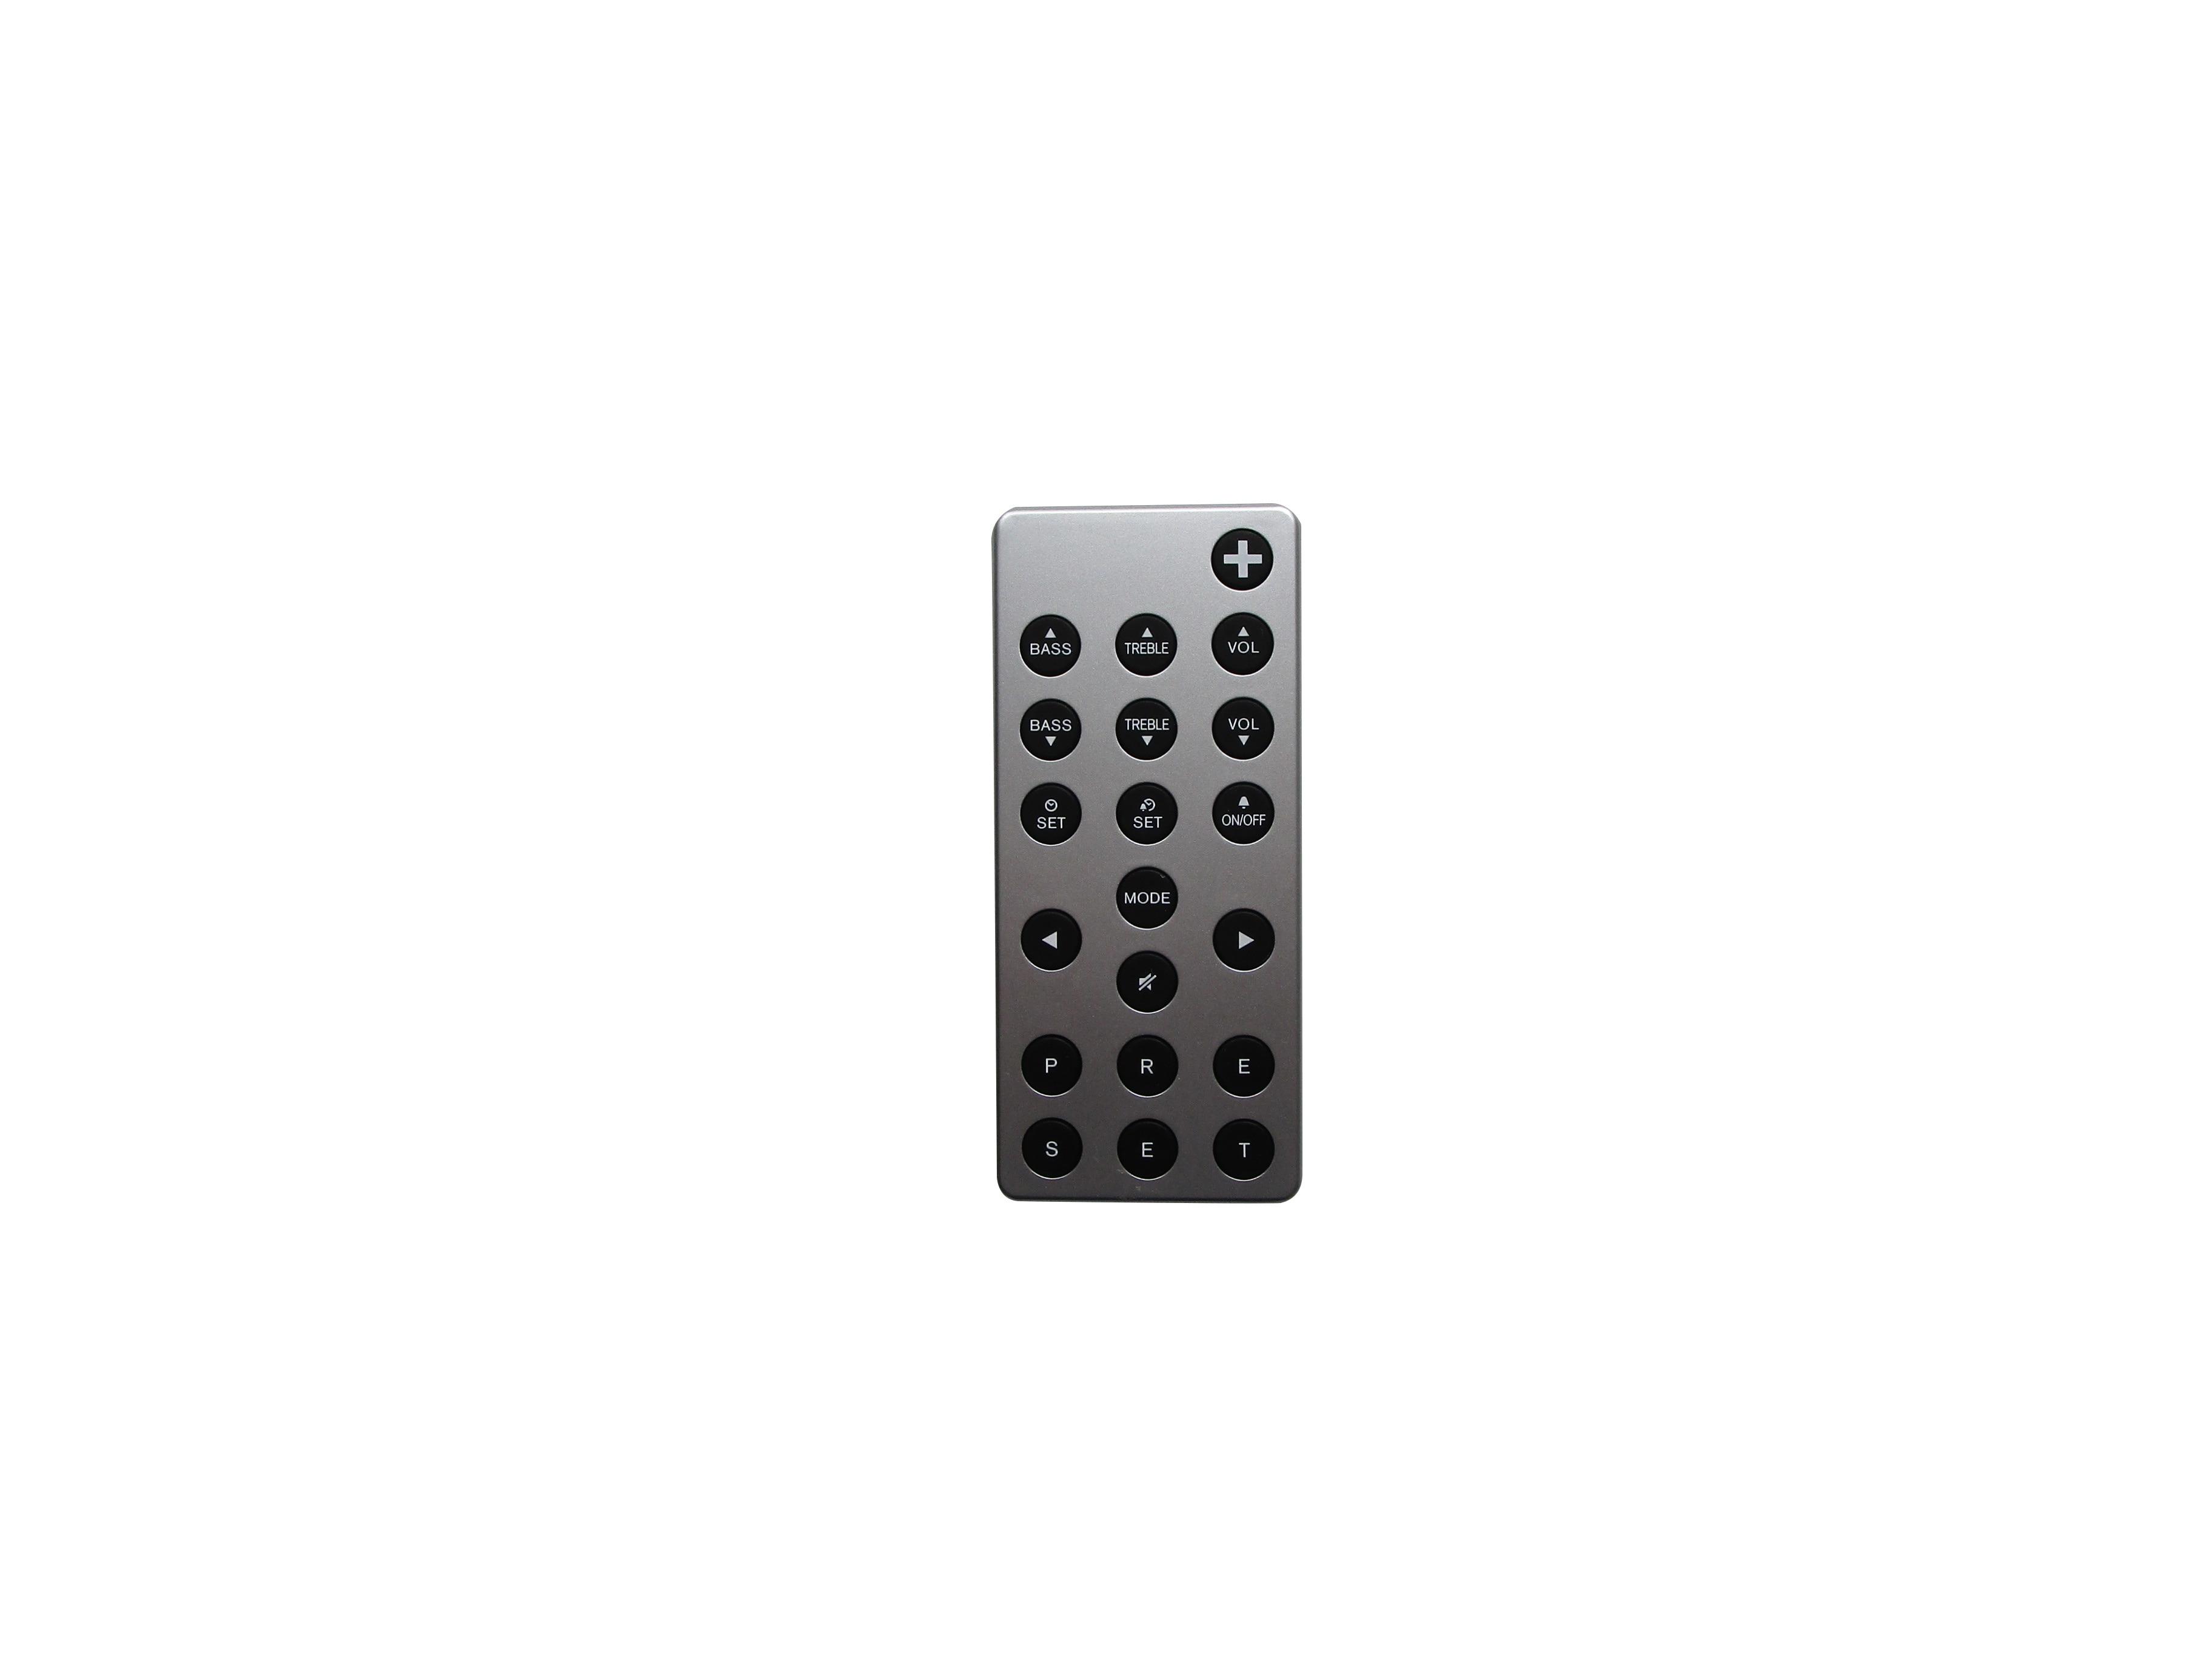 Control remoto genuino para Geneva sistema de sonido Bluetooth Modelo S DAB Auto 2/4 Puerta de control remoto de entrada sin llave de bloqueo Central Kit Universal Kit Central remoto de coche cerradura de la puerta sistema de entrada sin llave